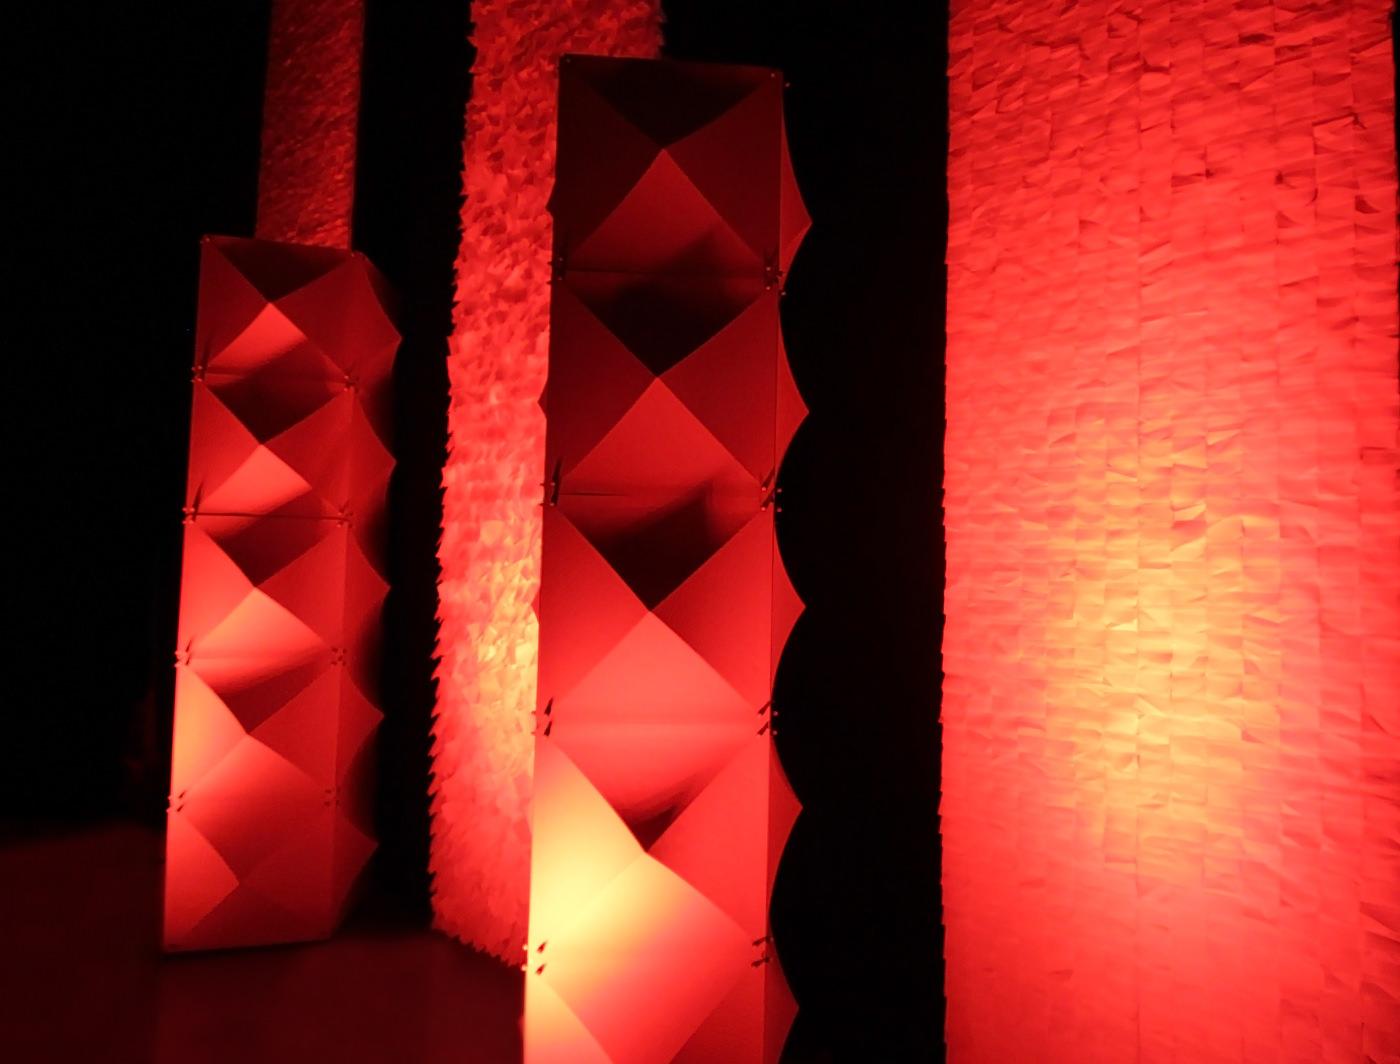 MiniGoss Panels light well to make an impact